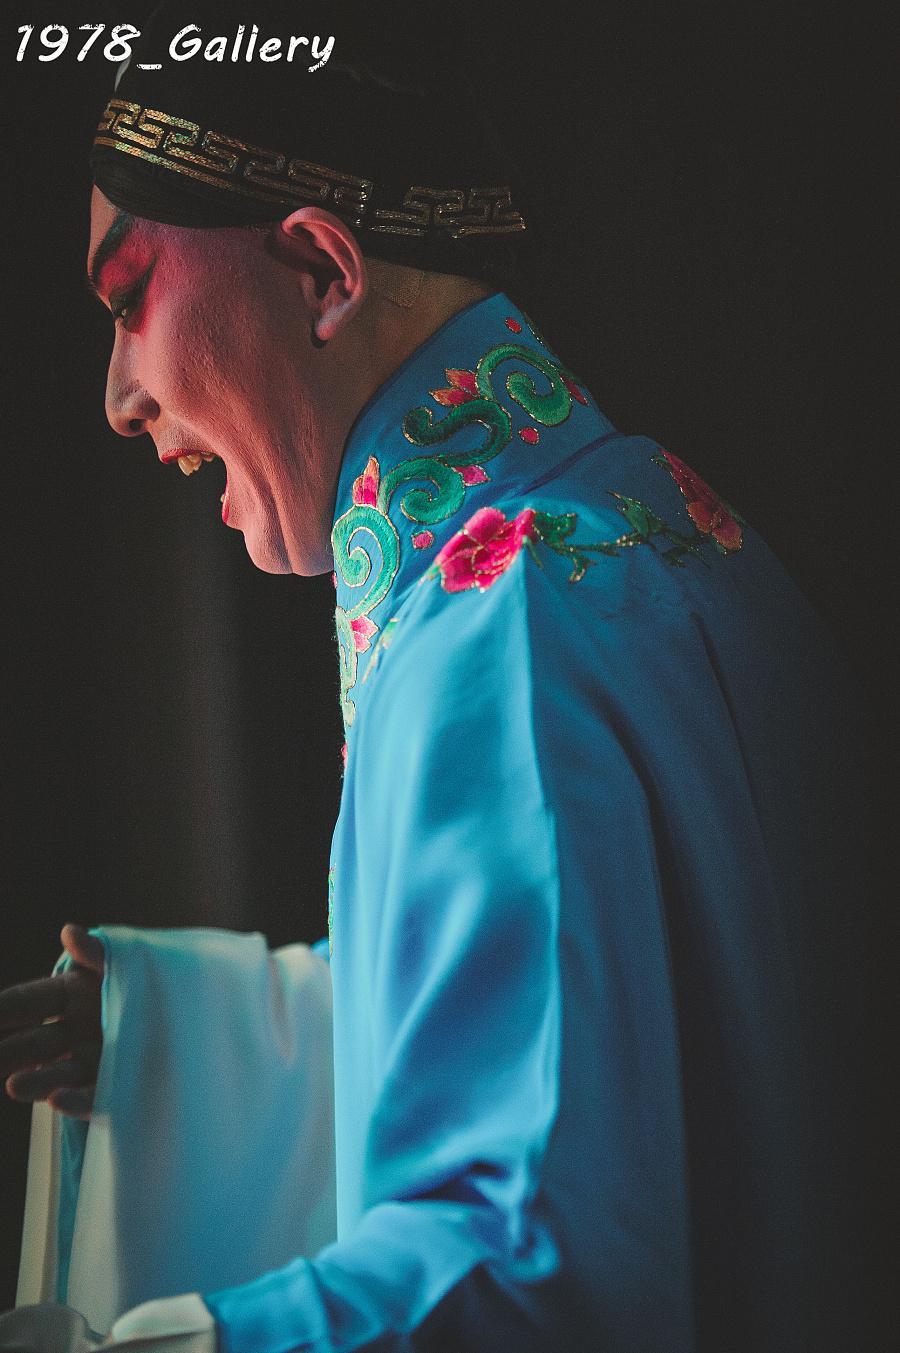 京剧《白蛇传》剧照 人像 摄影 1978